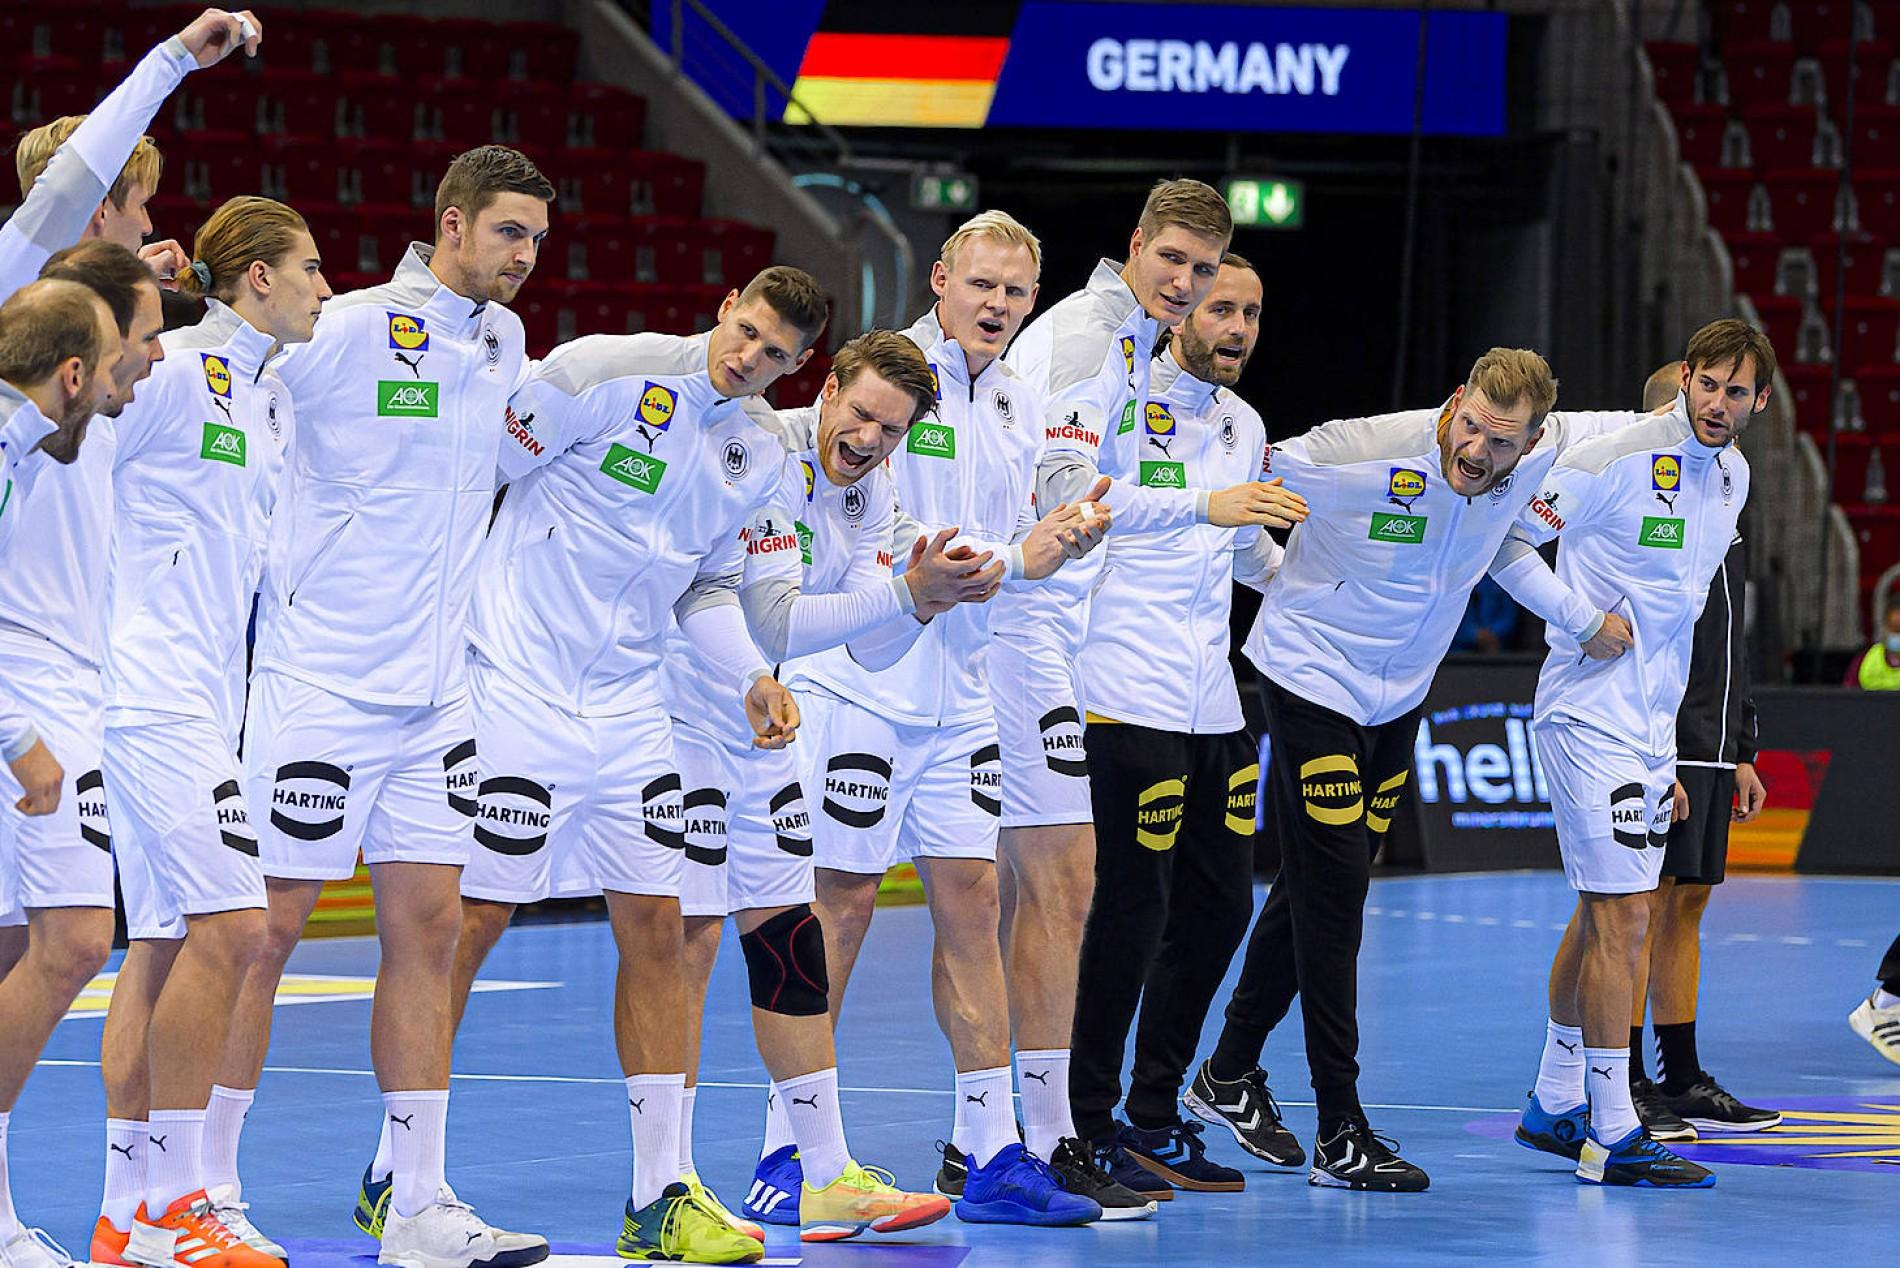 handball wm deutschland mit absagen